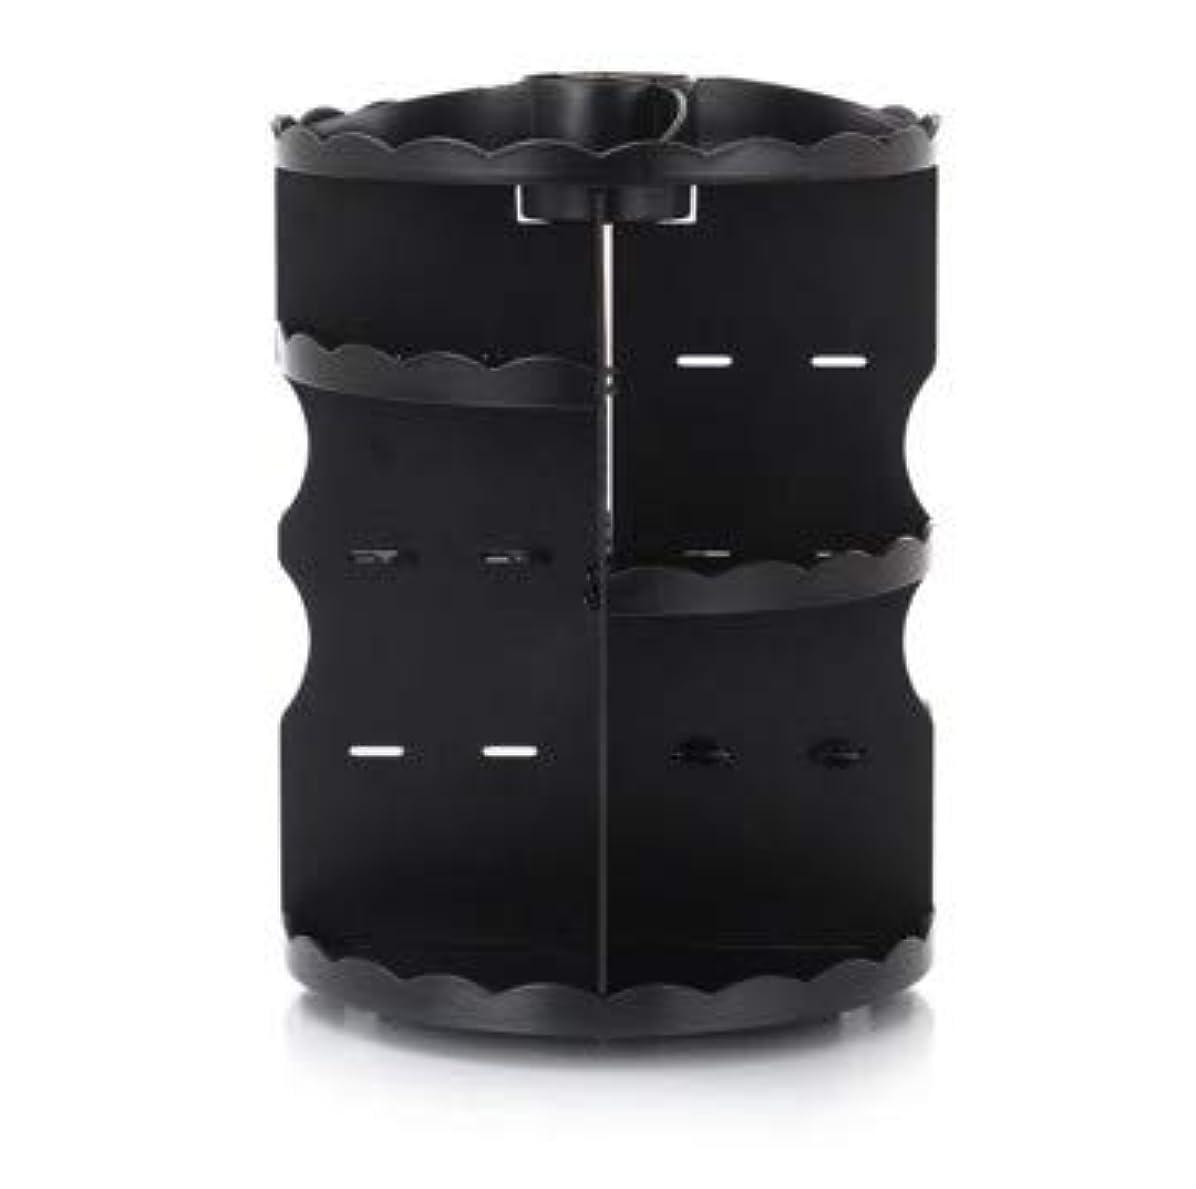 高原含む最少ラウンド卓上回転口紅フレーム透明アクリル化粧ケース浴室スキンケアプラスチック収納ボックス (Color : ブラック)